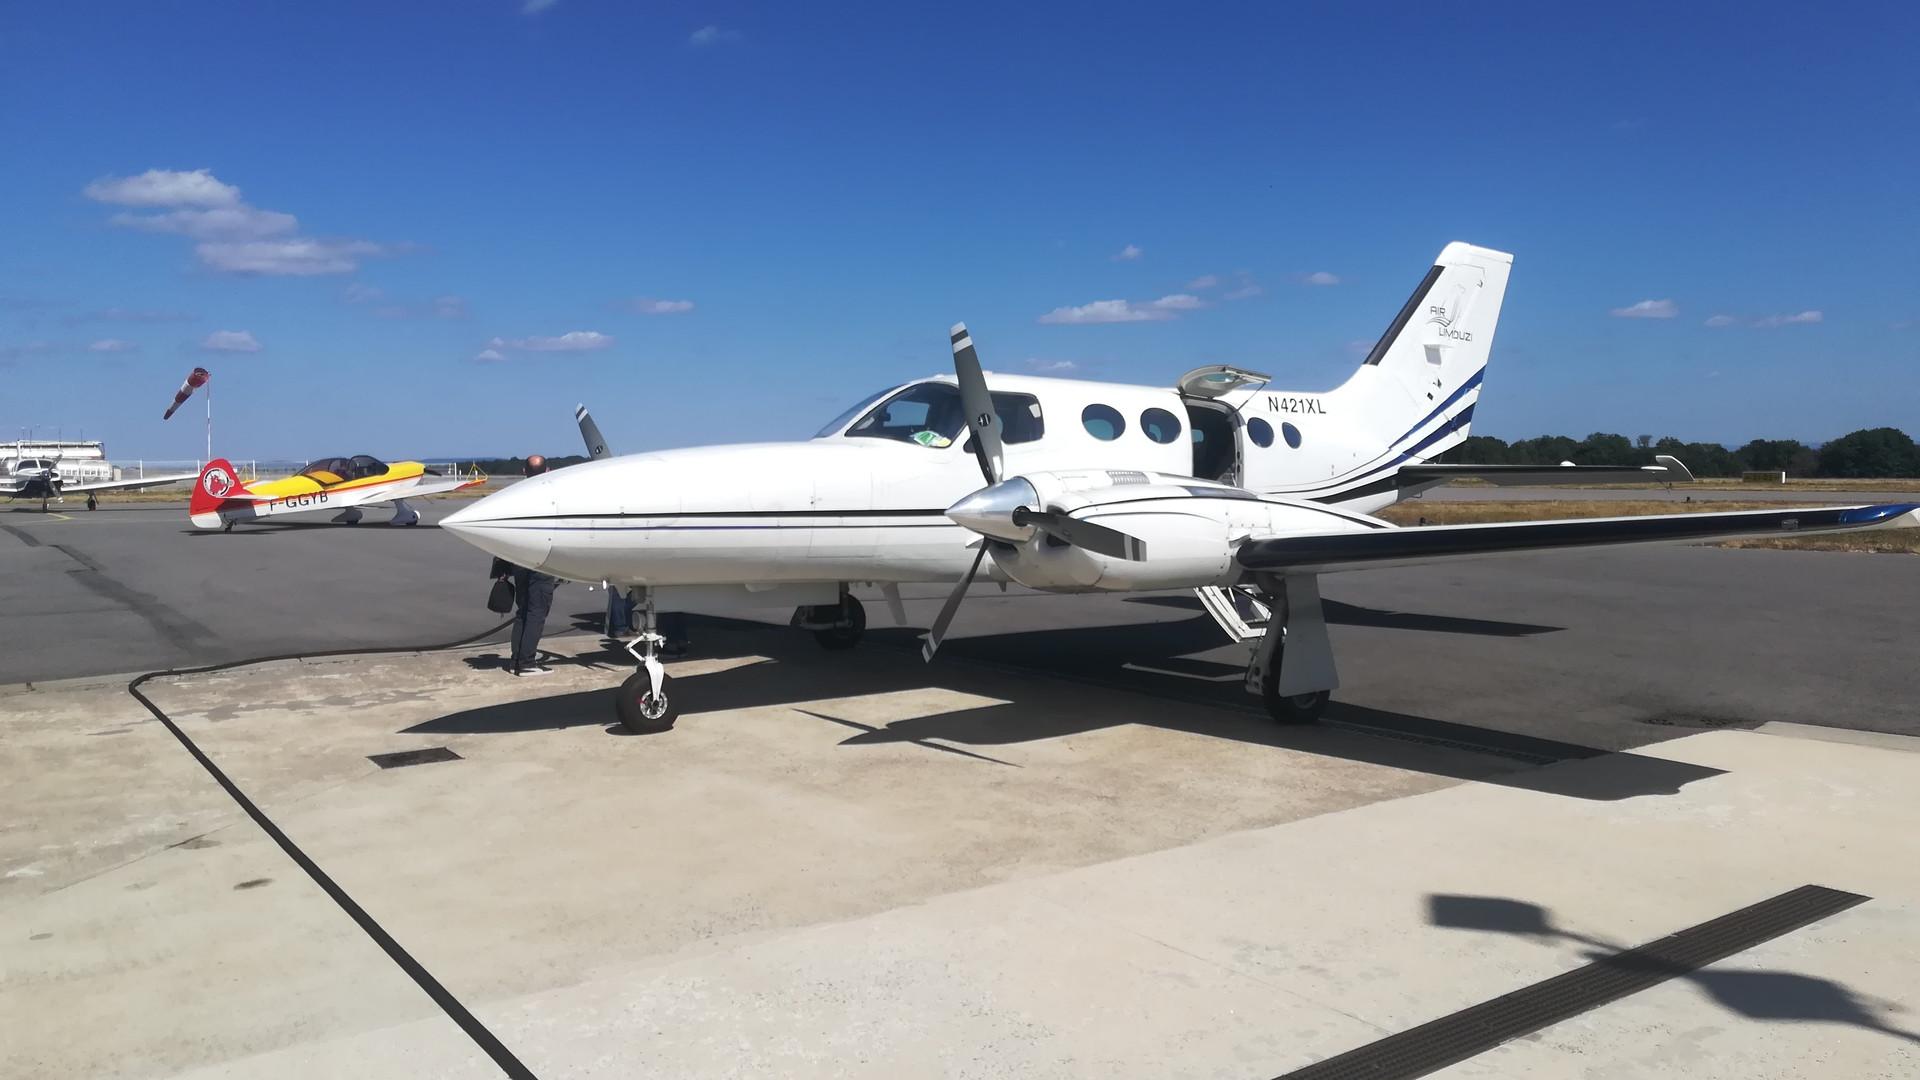 Cessna 421 N421XL